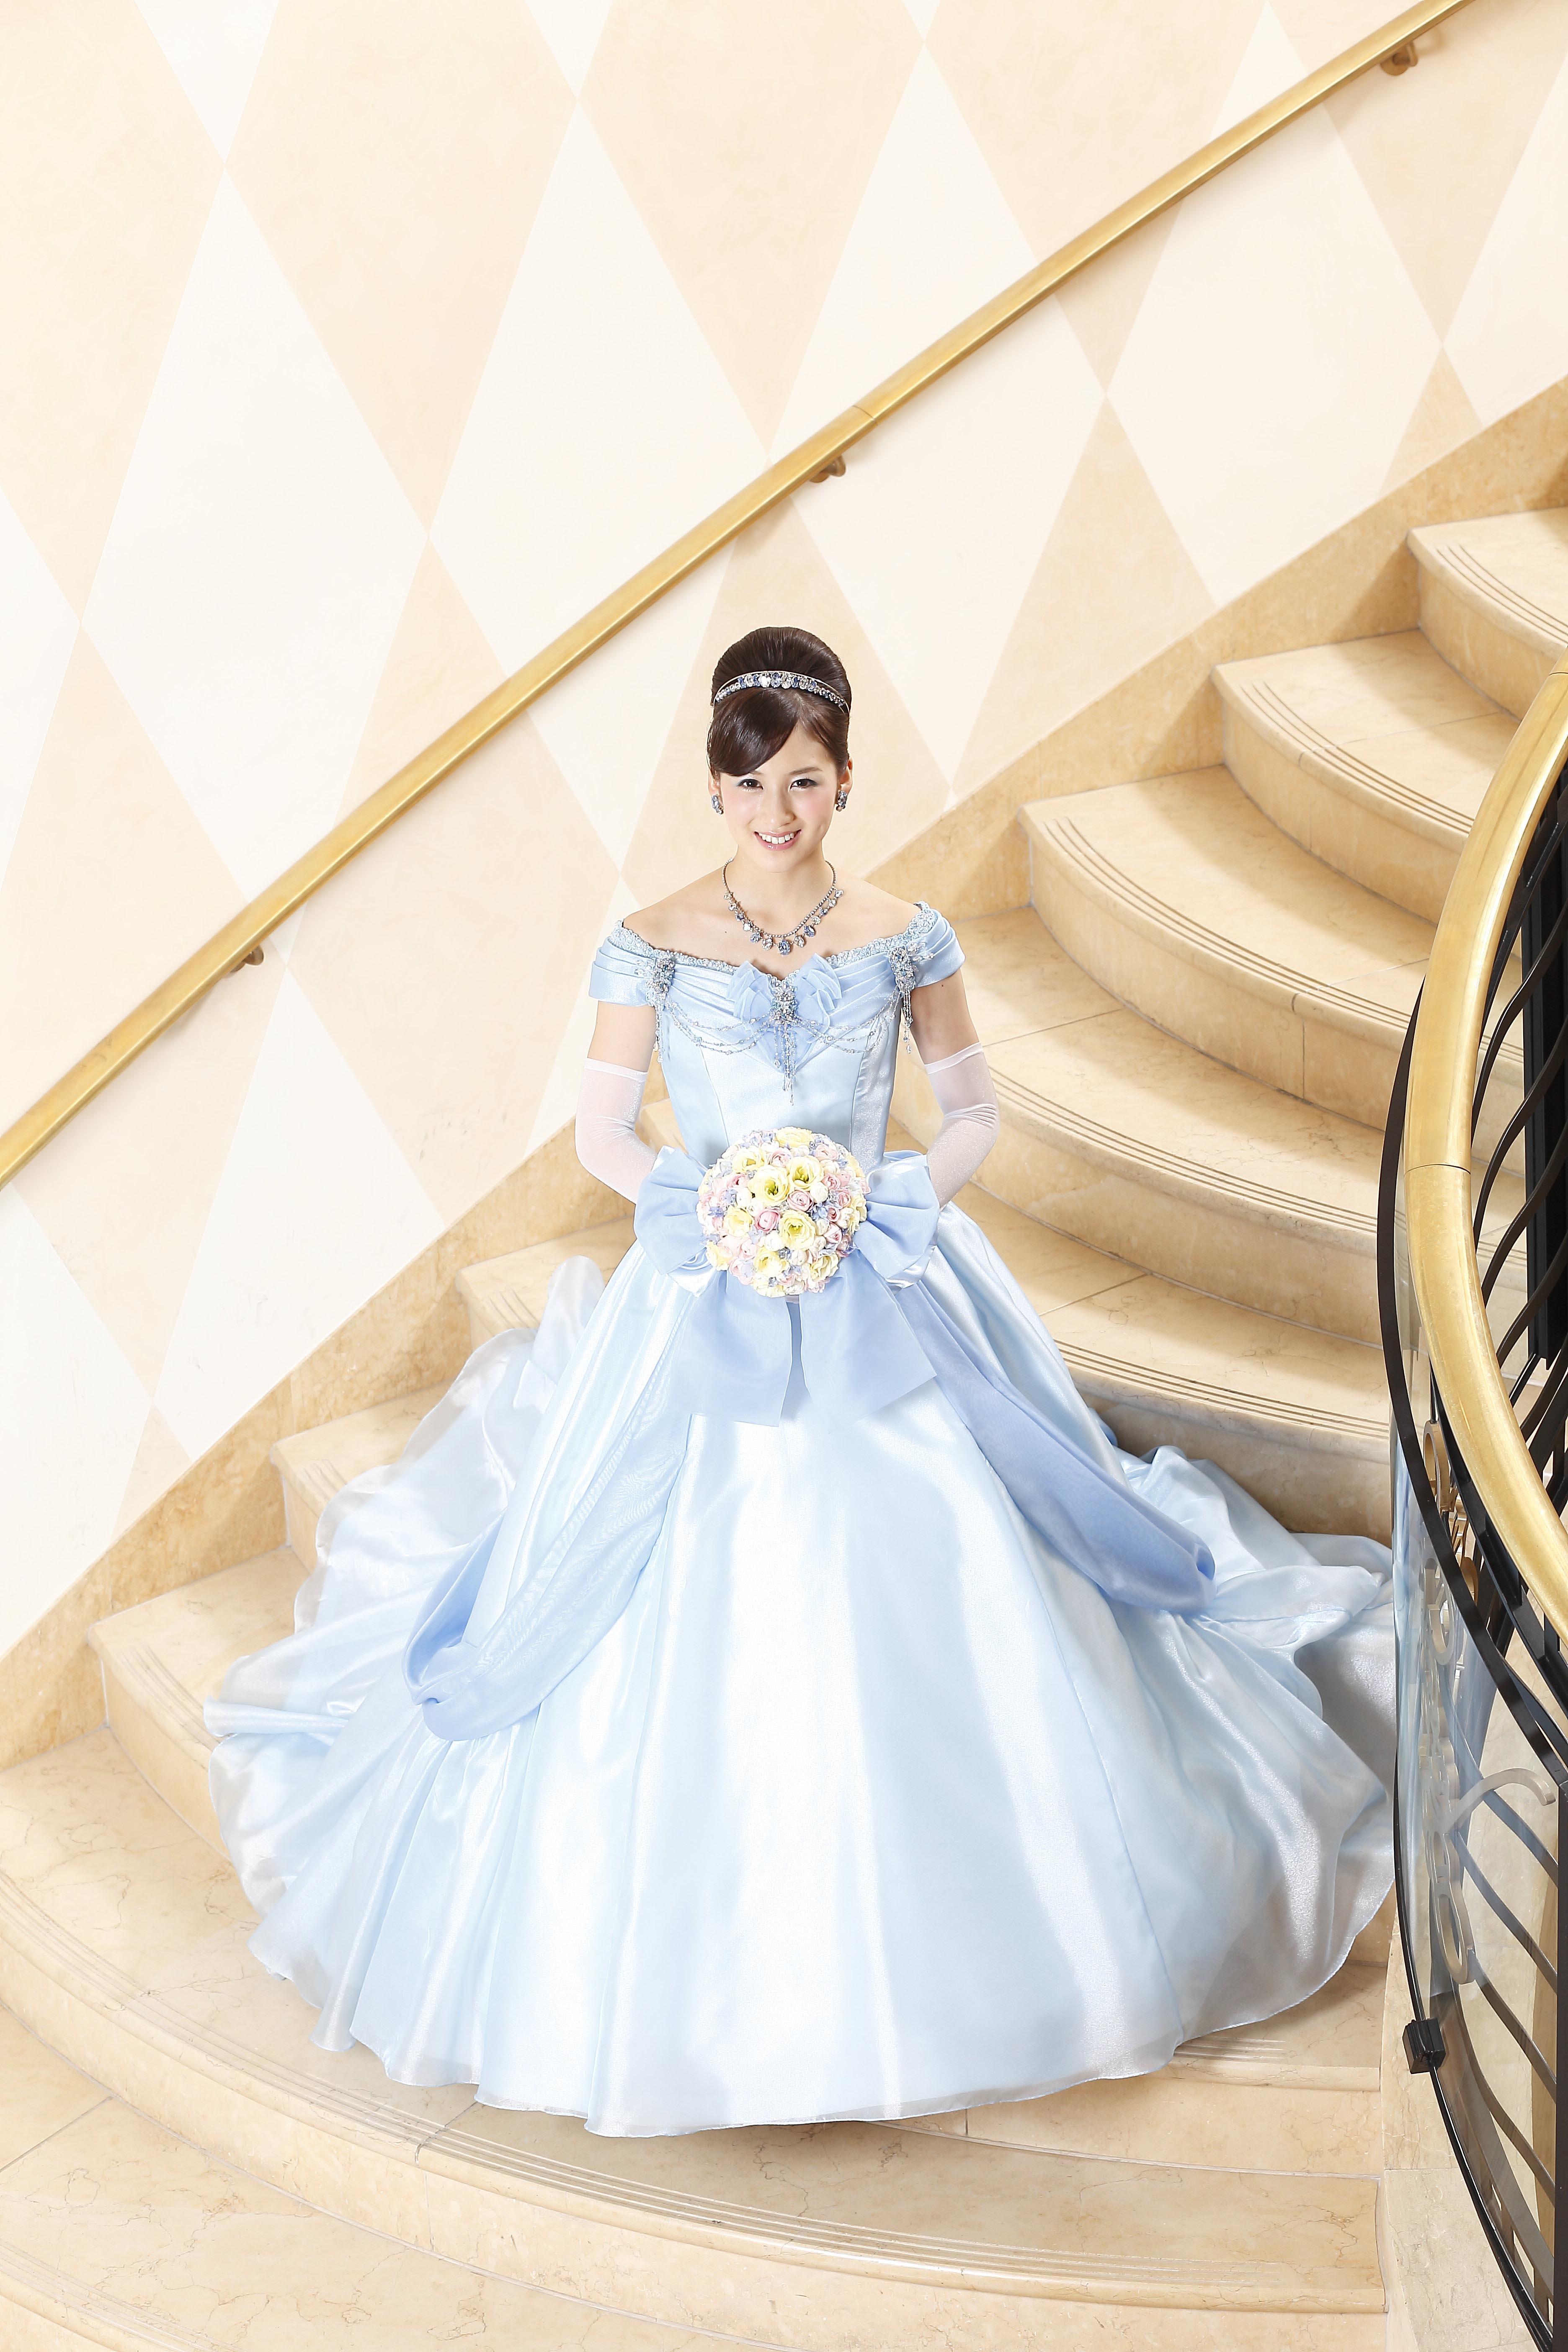 シンデレラをイメージしたドレス (c)Disney